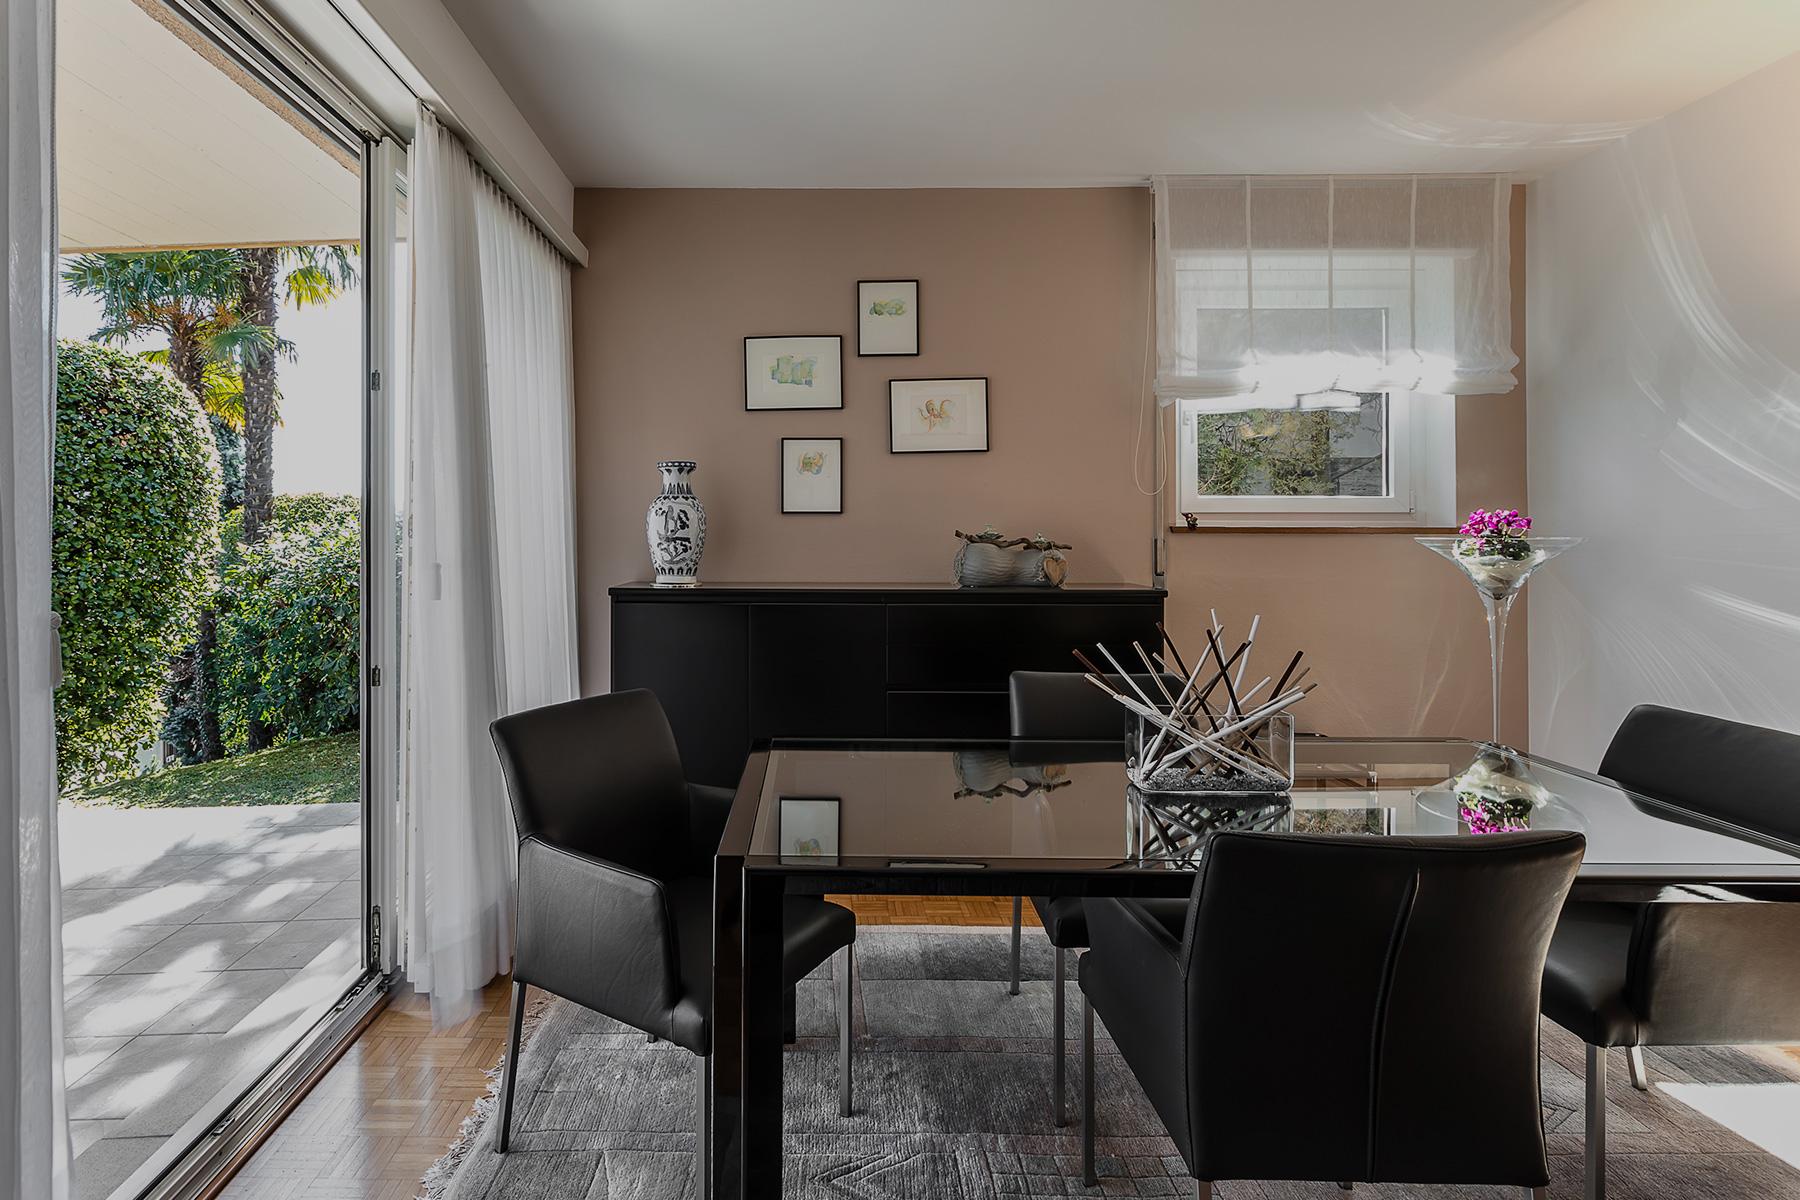 Andrea_Ravasi_Interior_designer_Lugano_Villas_1